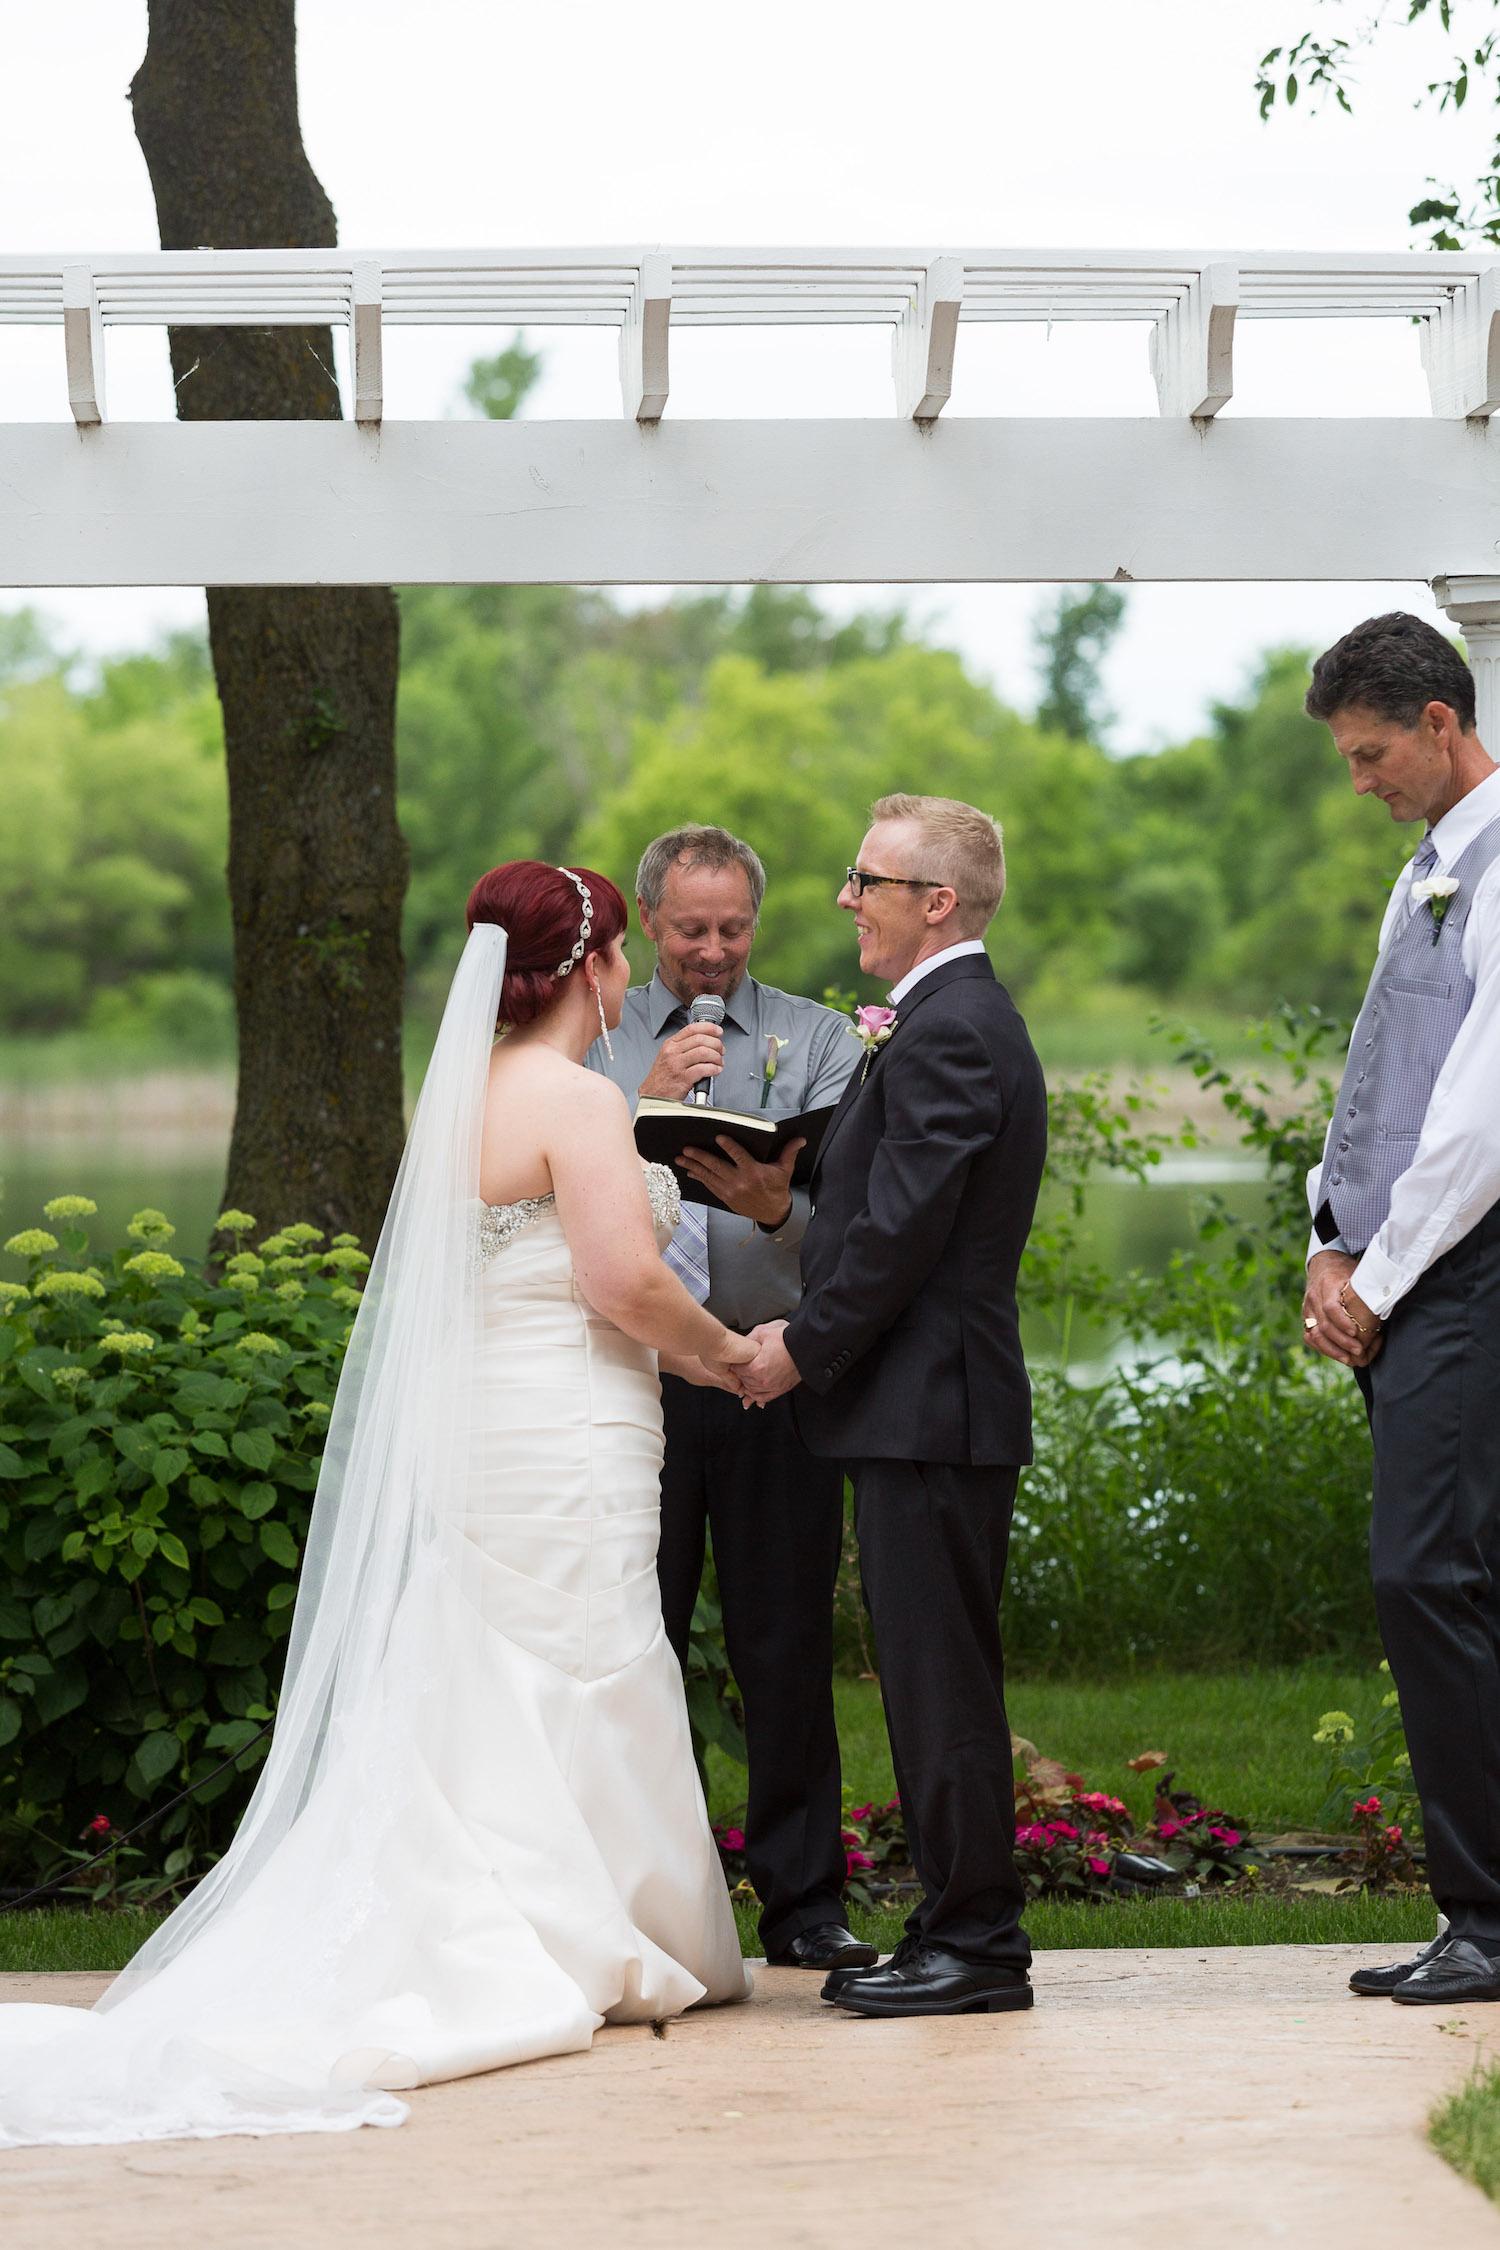 Cindyrella's Garden outdoor ceremony by the lake with a redhead bride, bride hair piece